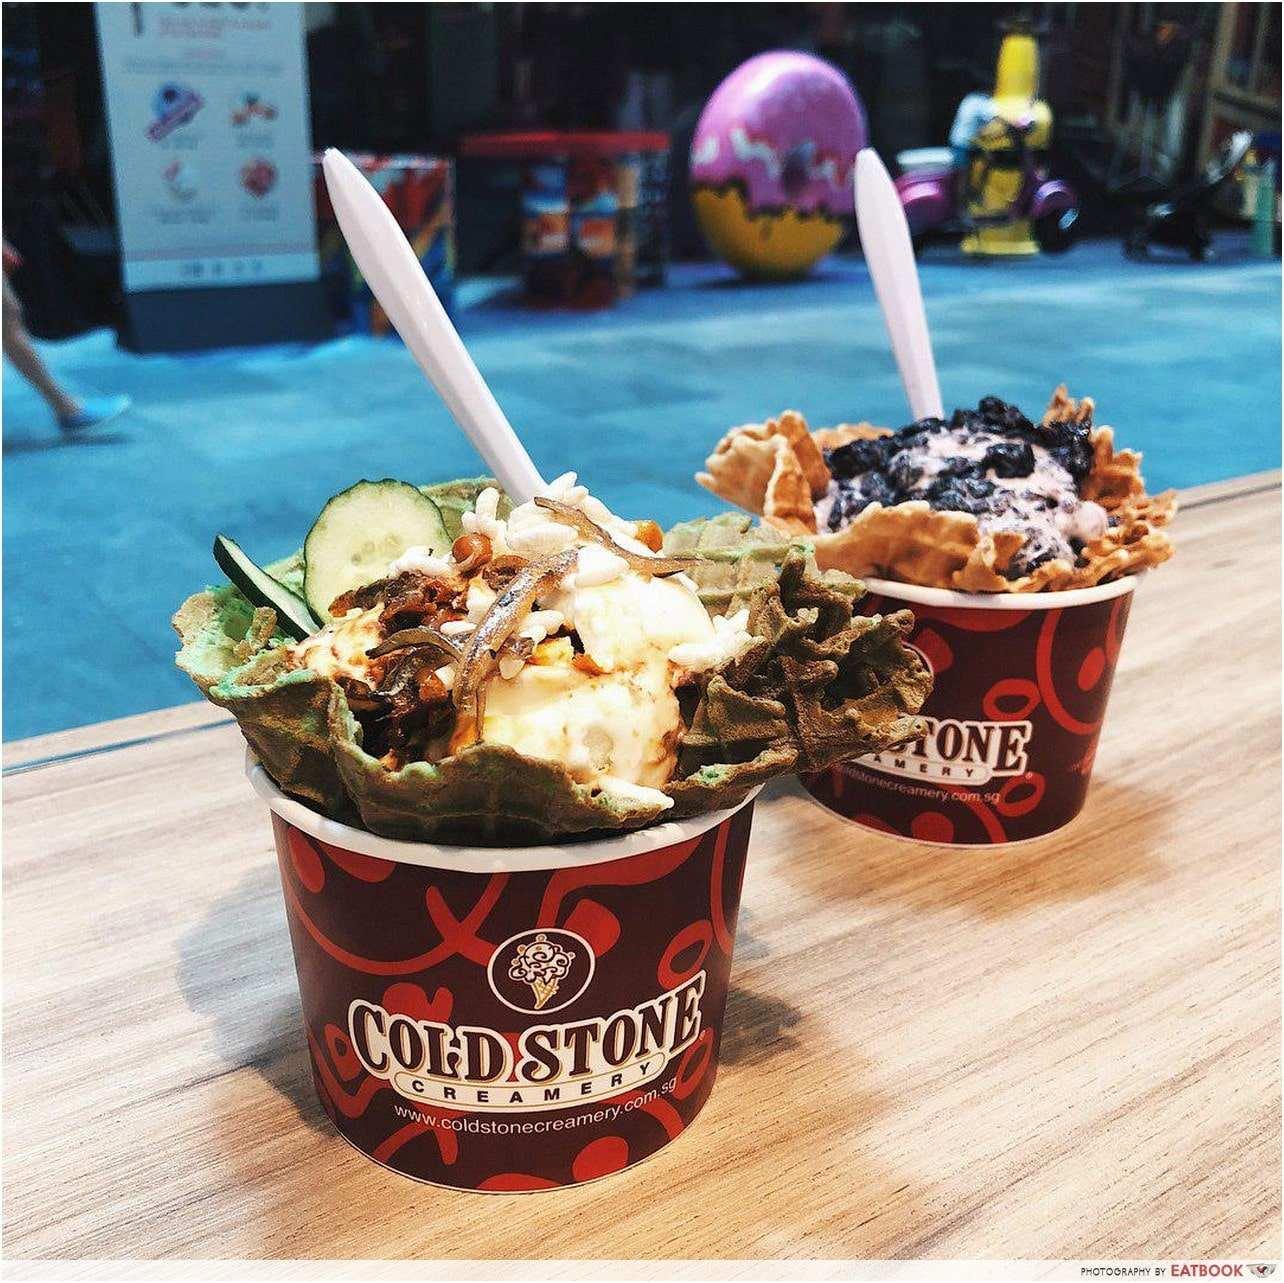 Two ice-cream